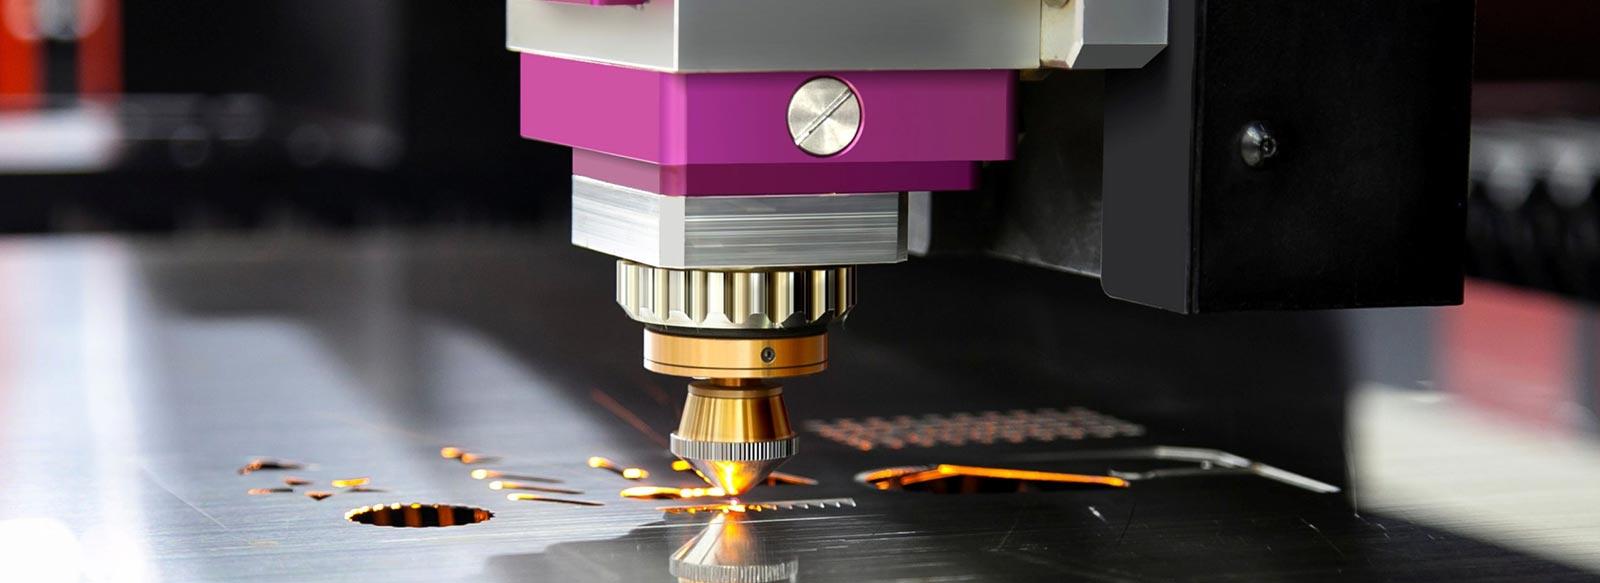 برش لیزر فلزات در مجموعه شیت لیزر